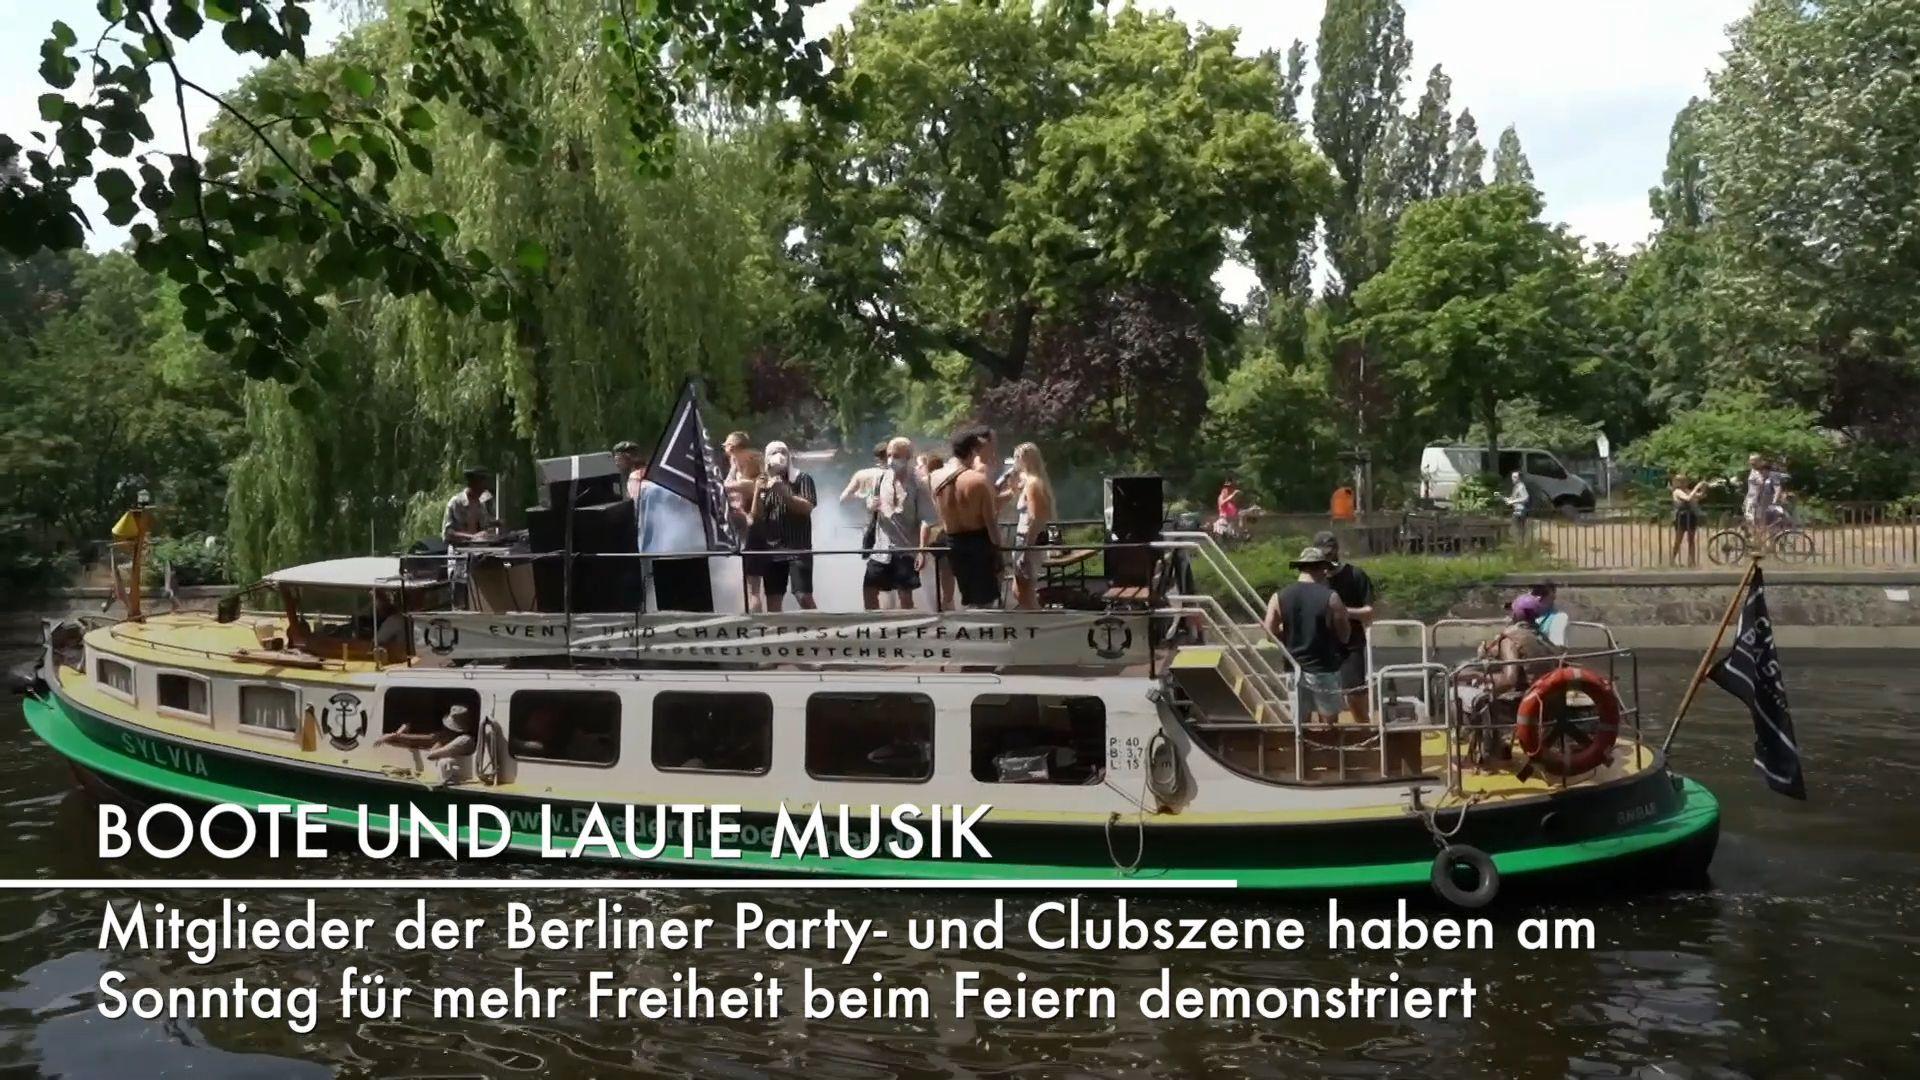 Im Partyboot für Clubs – Berliner demonstrieren fürs Feiern